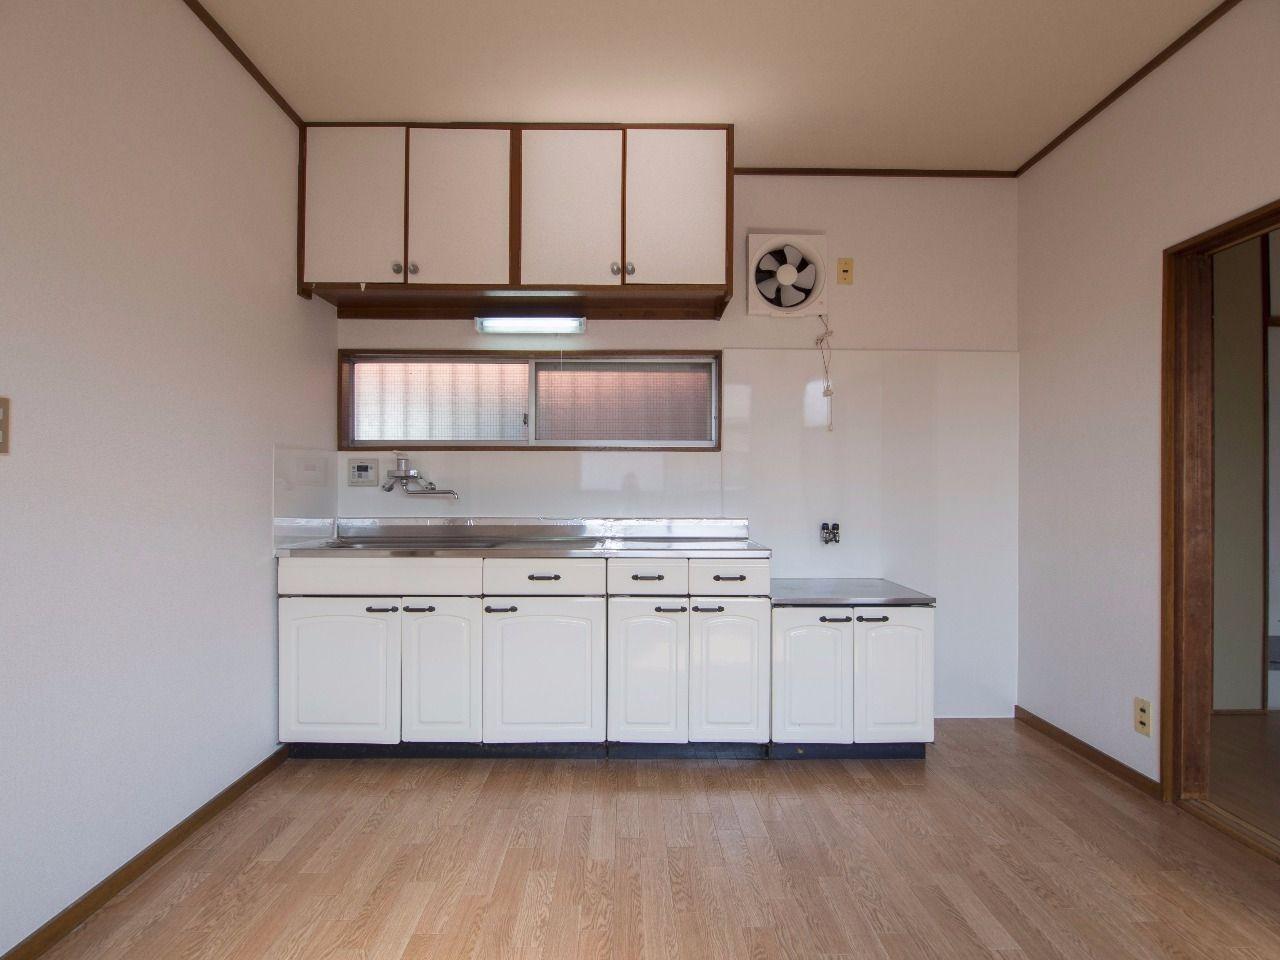 ワイドなキッチンで料理の腕も上がりそう